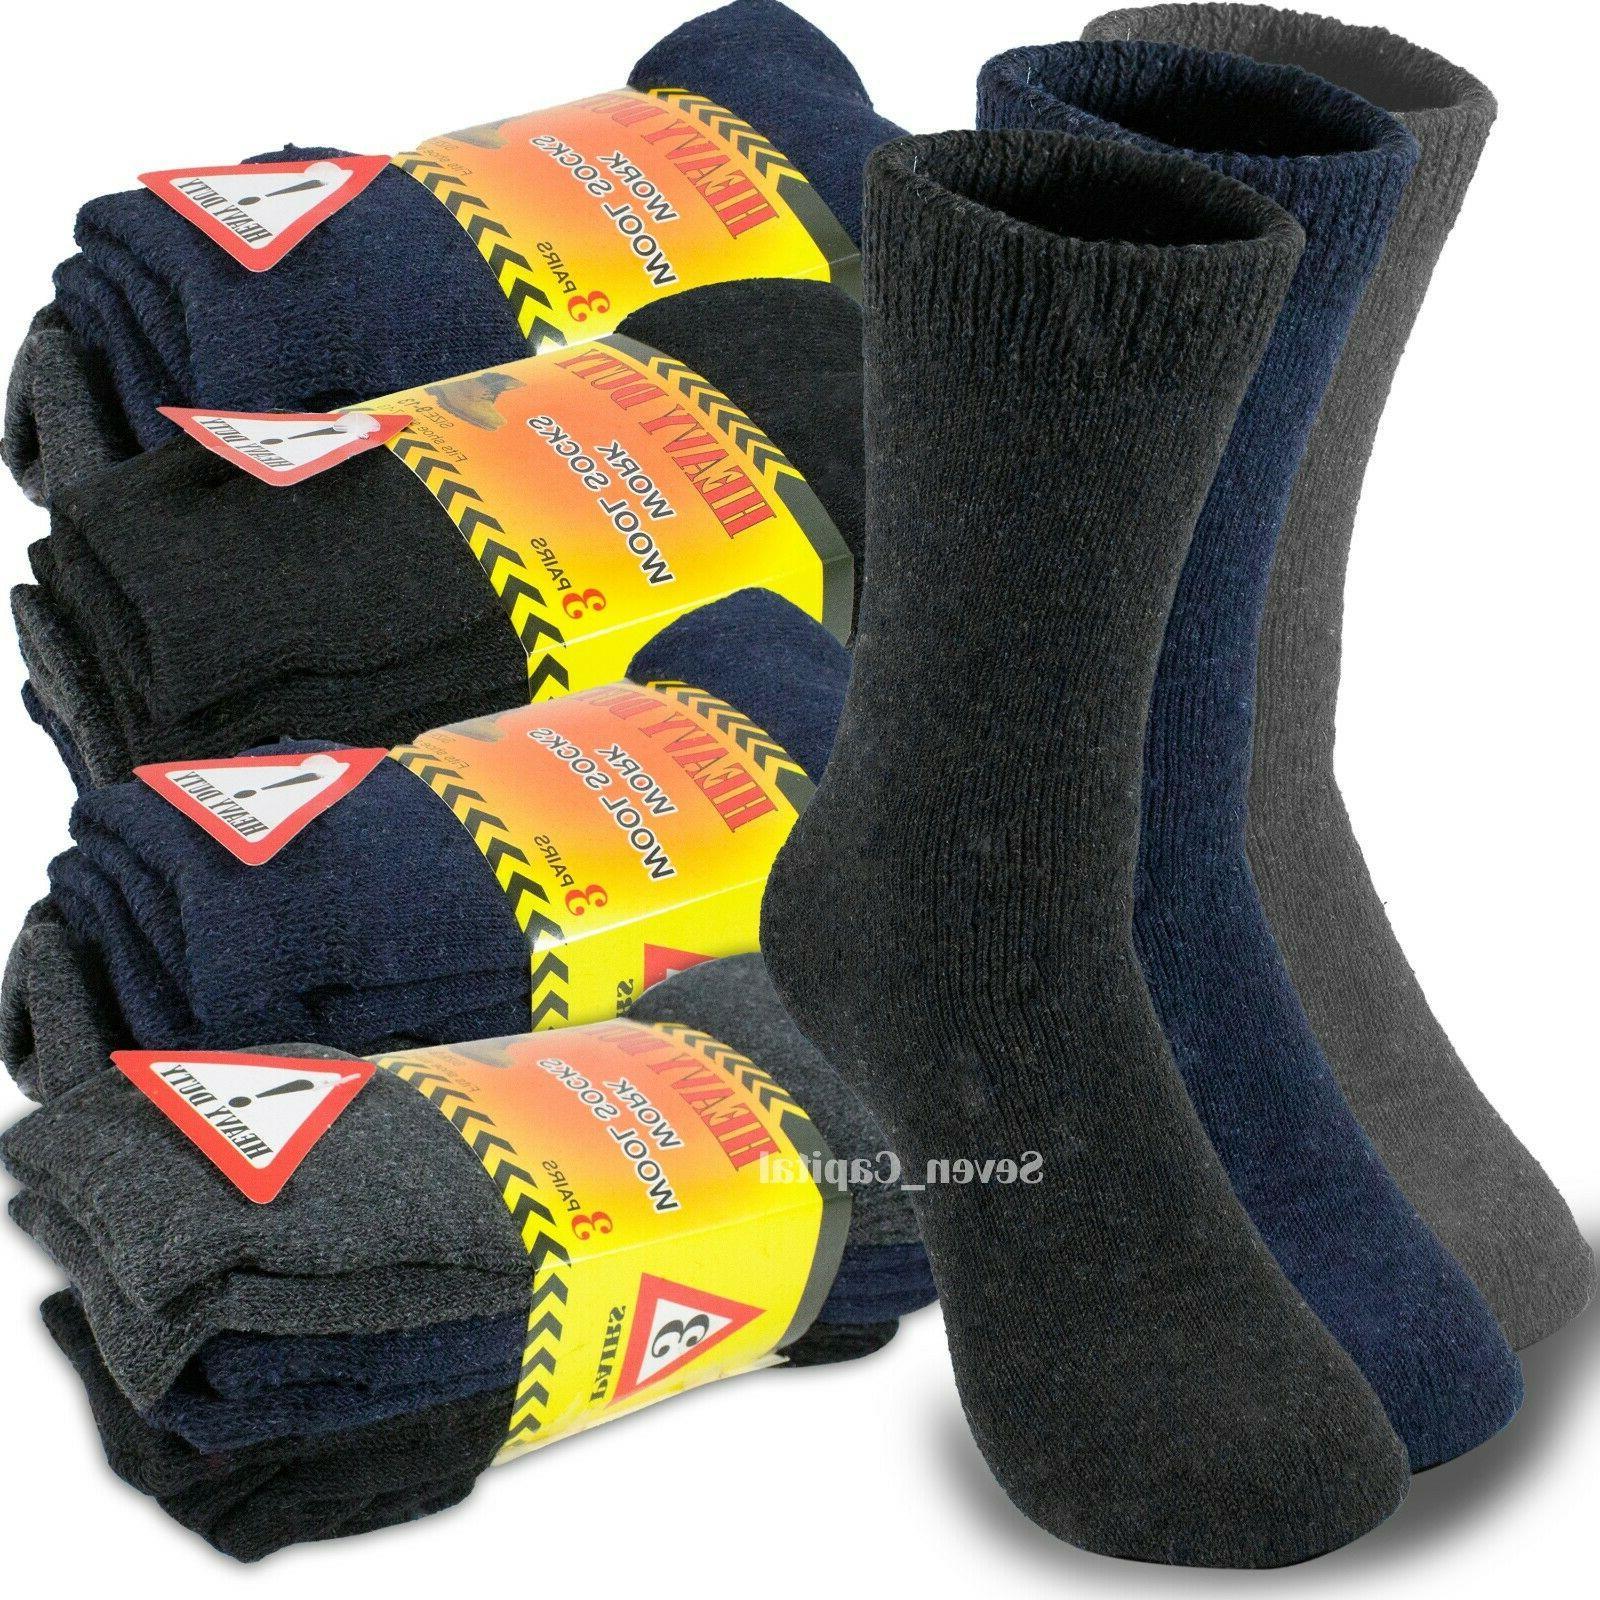 3 12 pairs mens heavy duty winter